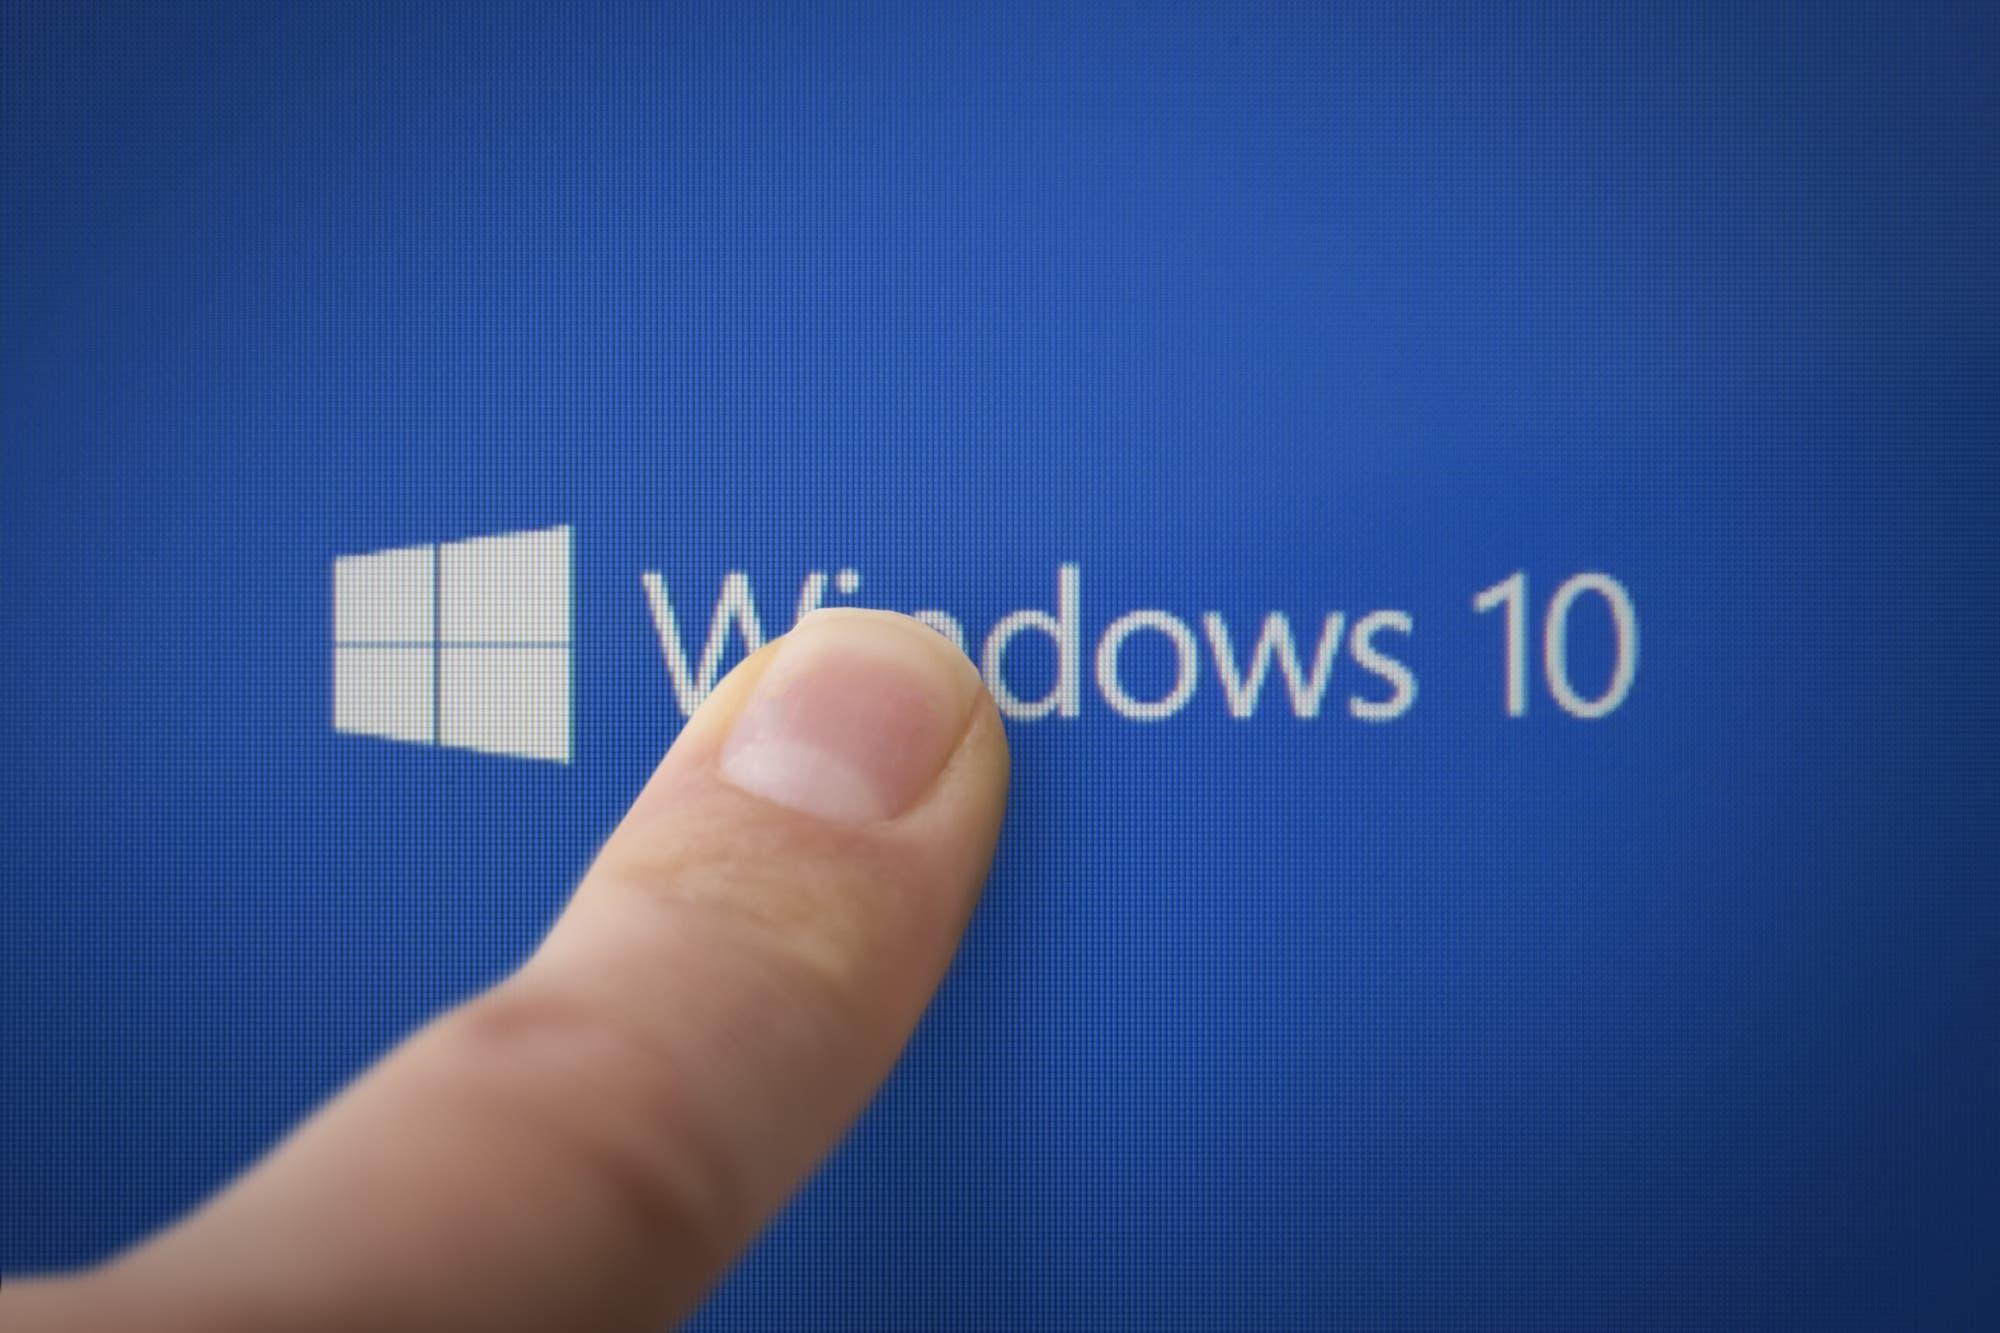 Una falla de seguridad de Windows 10 detectada por el gobierno de EE.UU. pone en riesgo a millones de computadoras